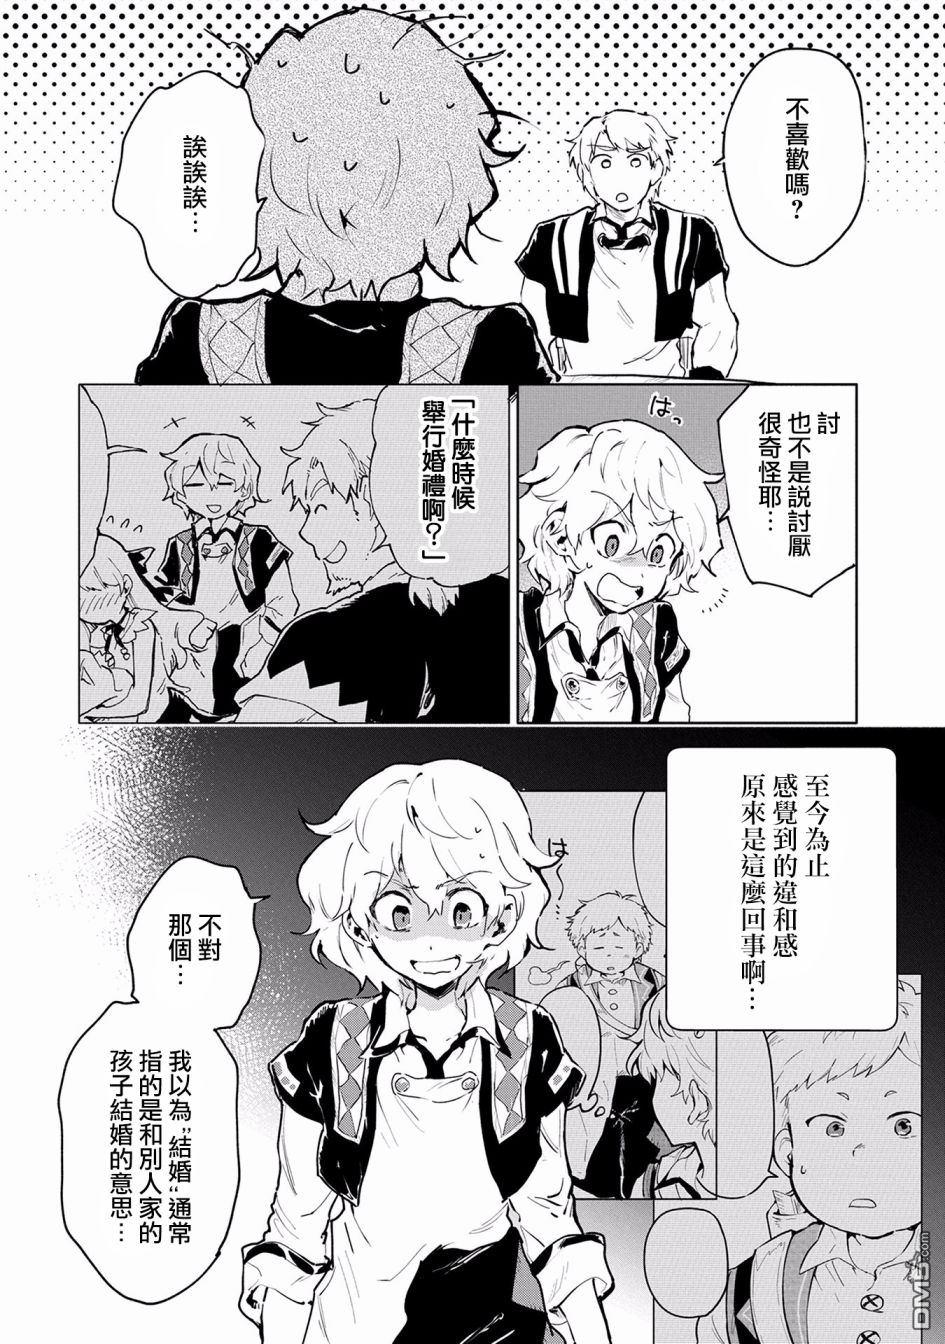 最強咒族轉生~一個天才魔術師的愜意生活~漫畫第6話(39P)(第1頁)劇情-二次元動漫